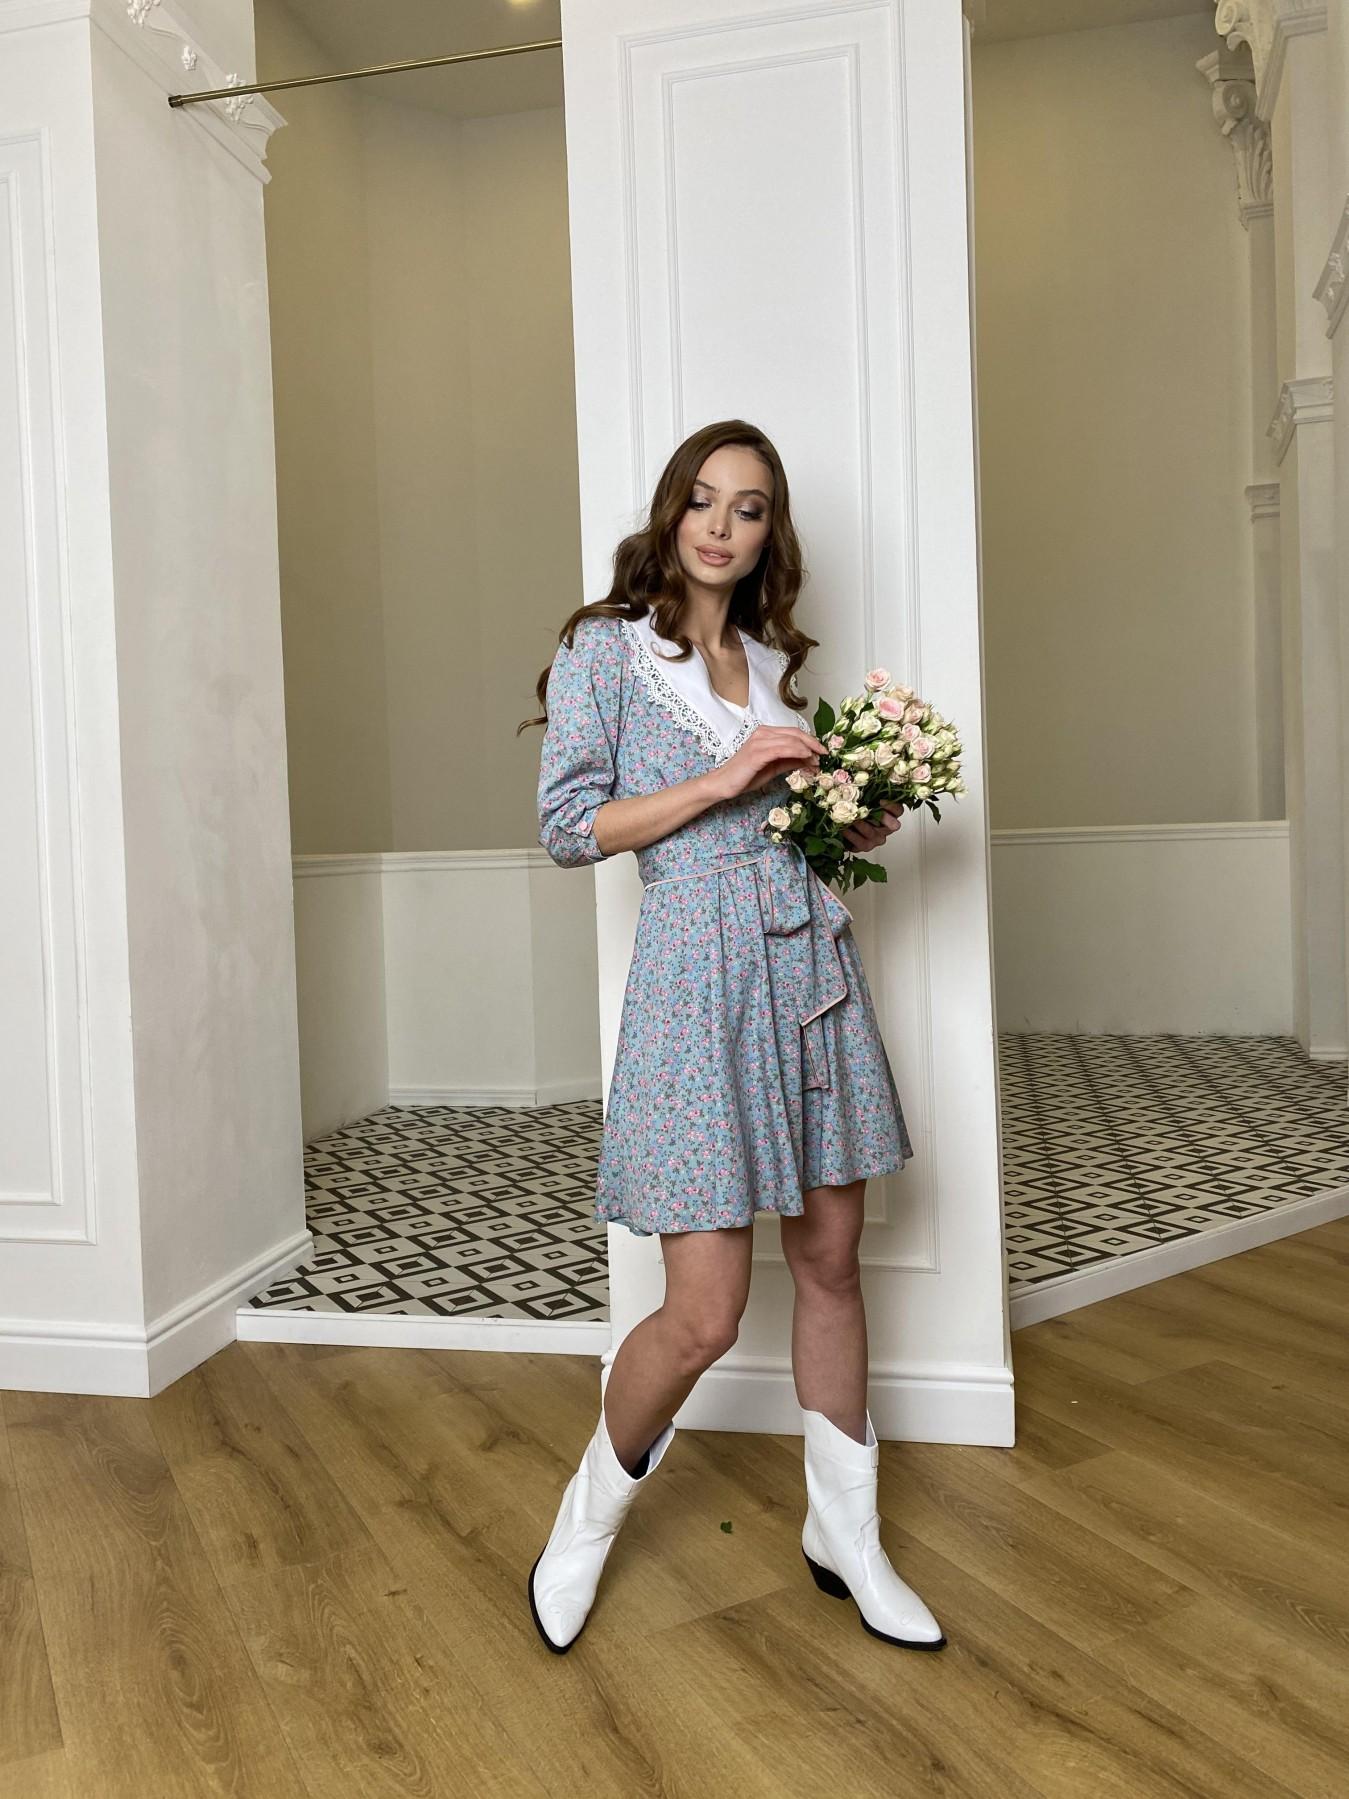 Джейн платье  костюмка штапель принт 10881 АРТ. 47419 Цвет: Цветы мел олива/роз/гол - фото 3, интернет магазин tm-modus.ru